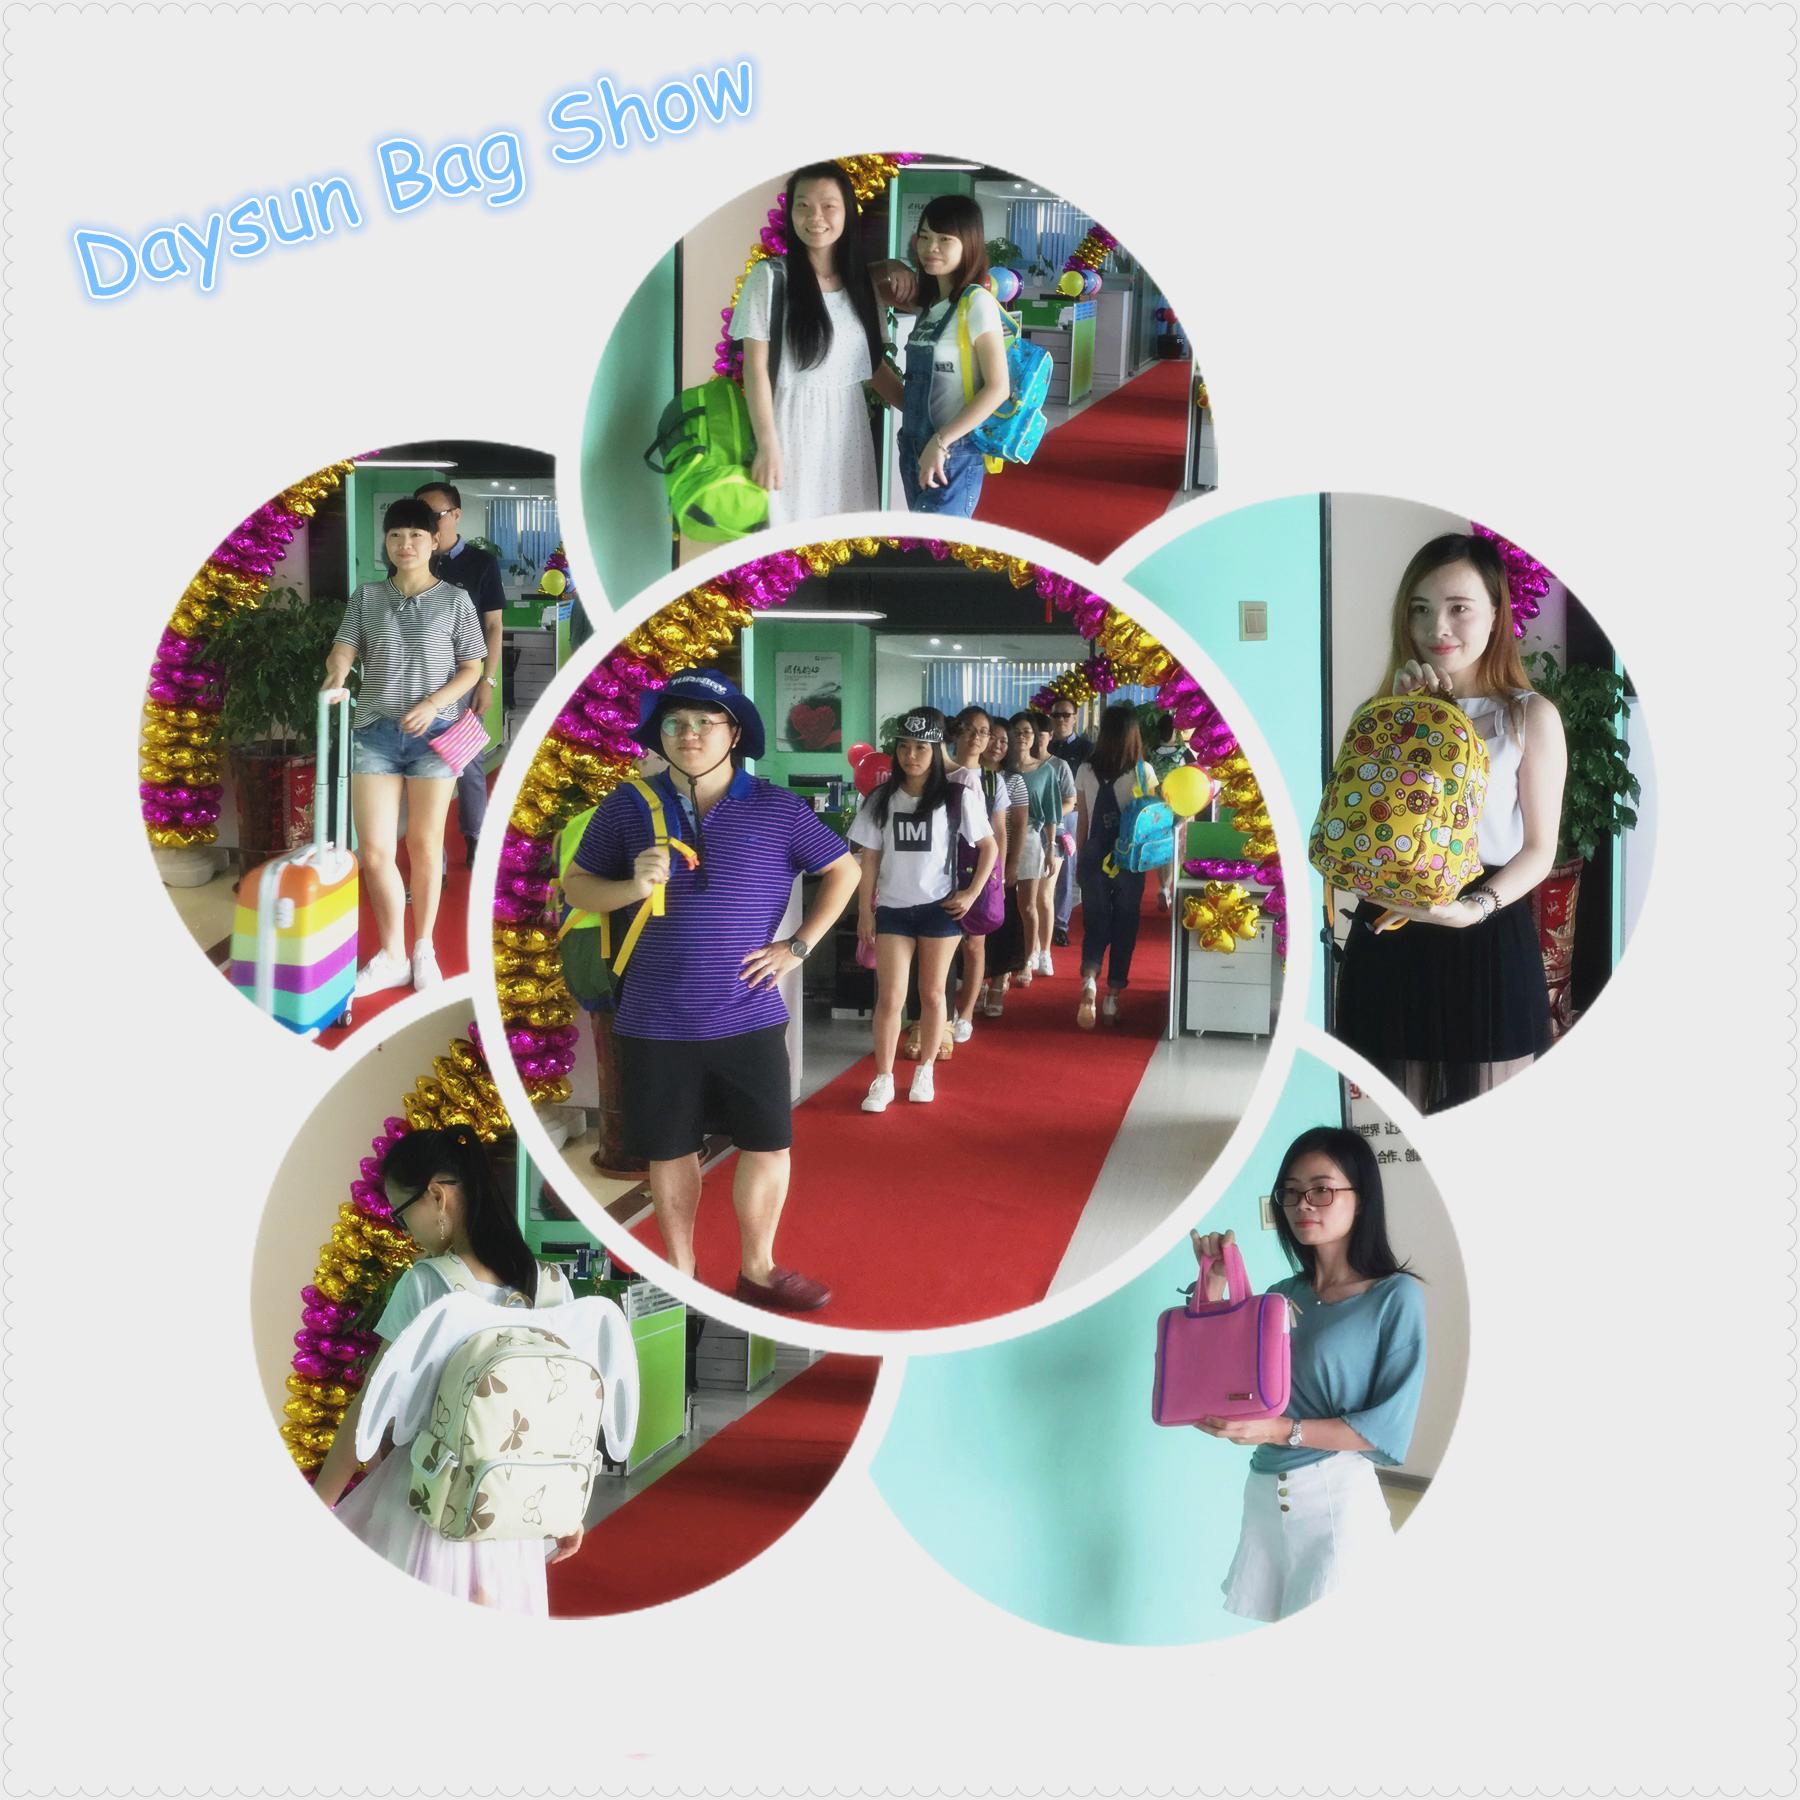 Daysun 10 year Anniversary